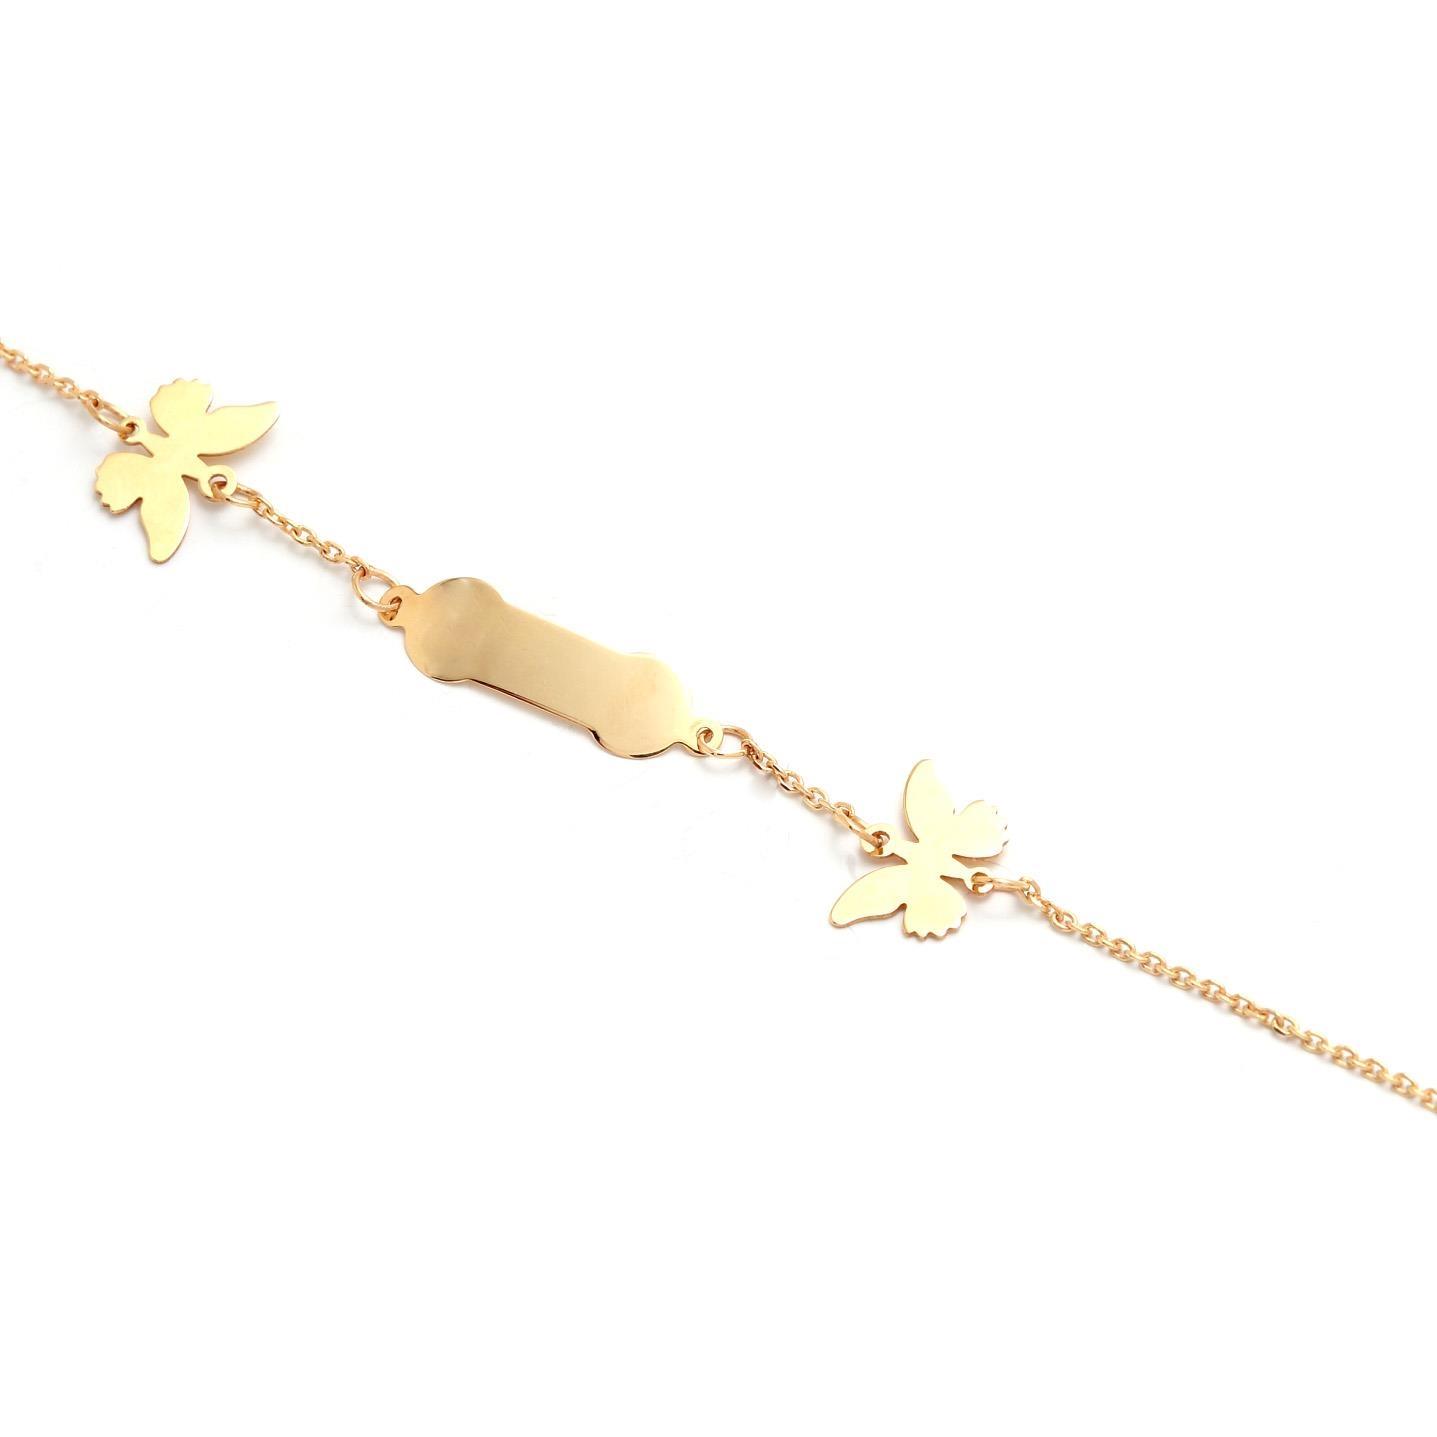 Zlatý dievčenský náramok s holubicami 5MZ00061